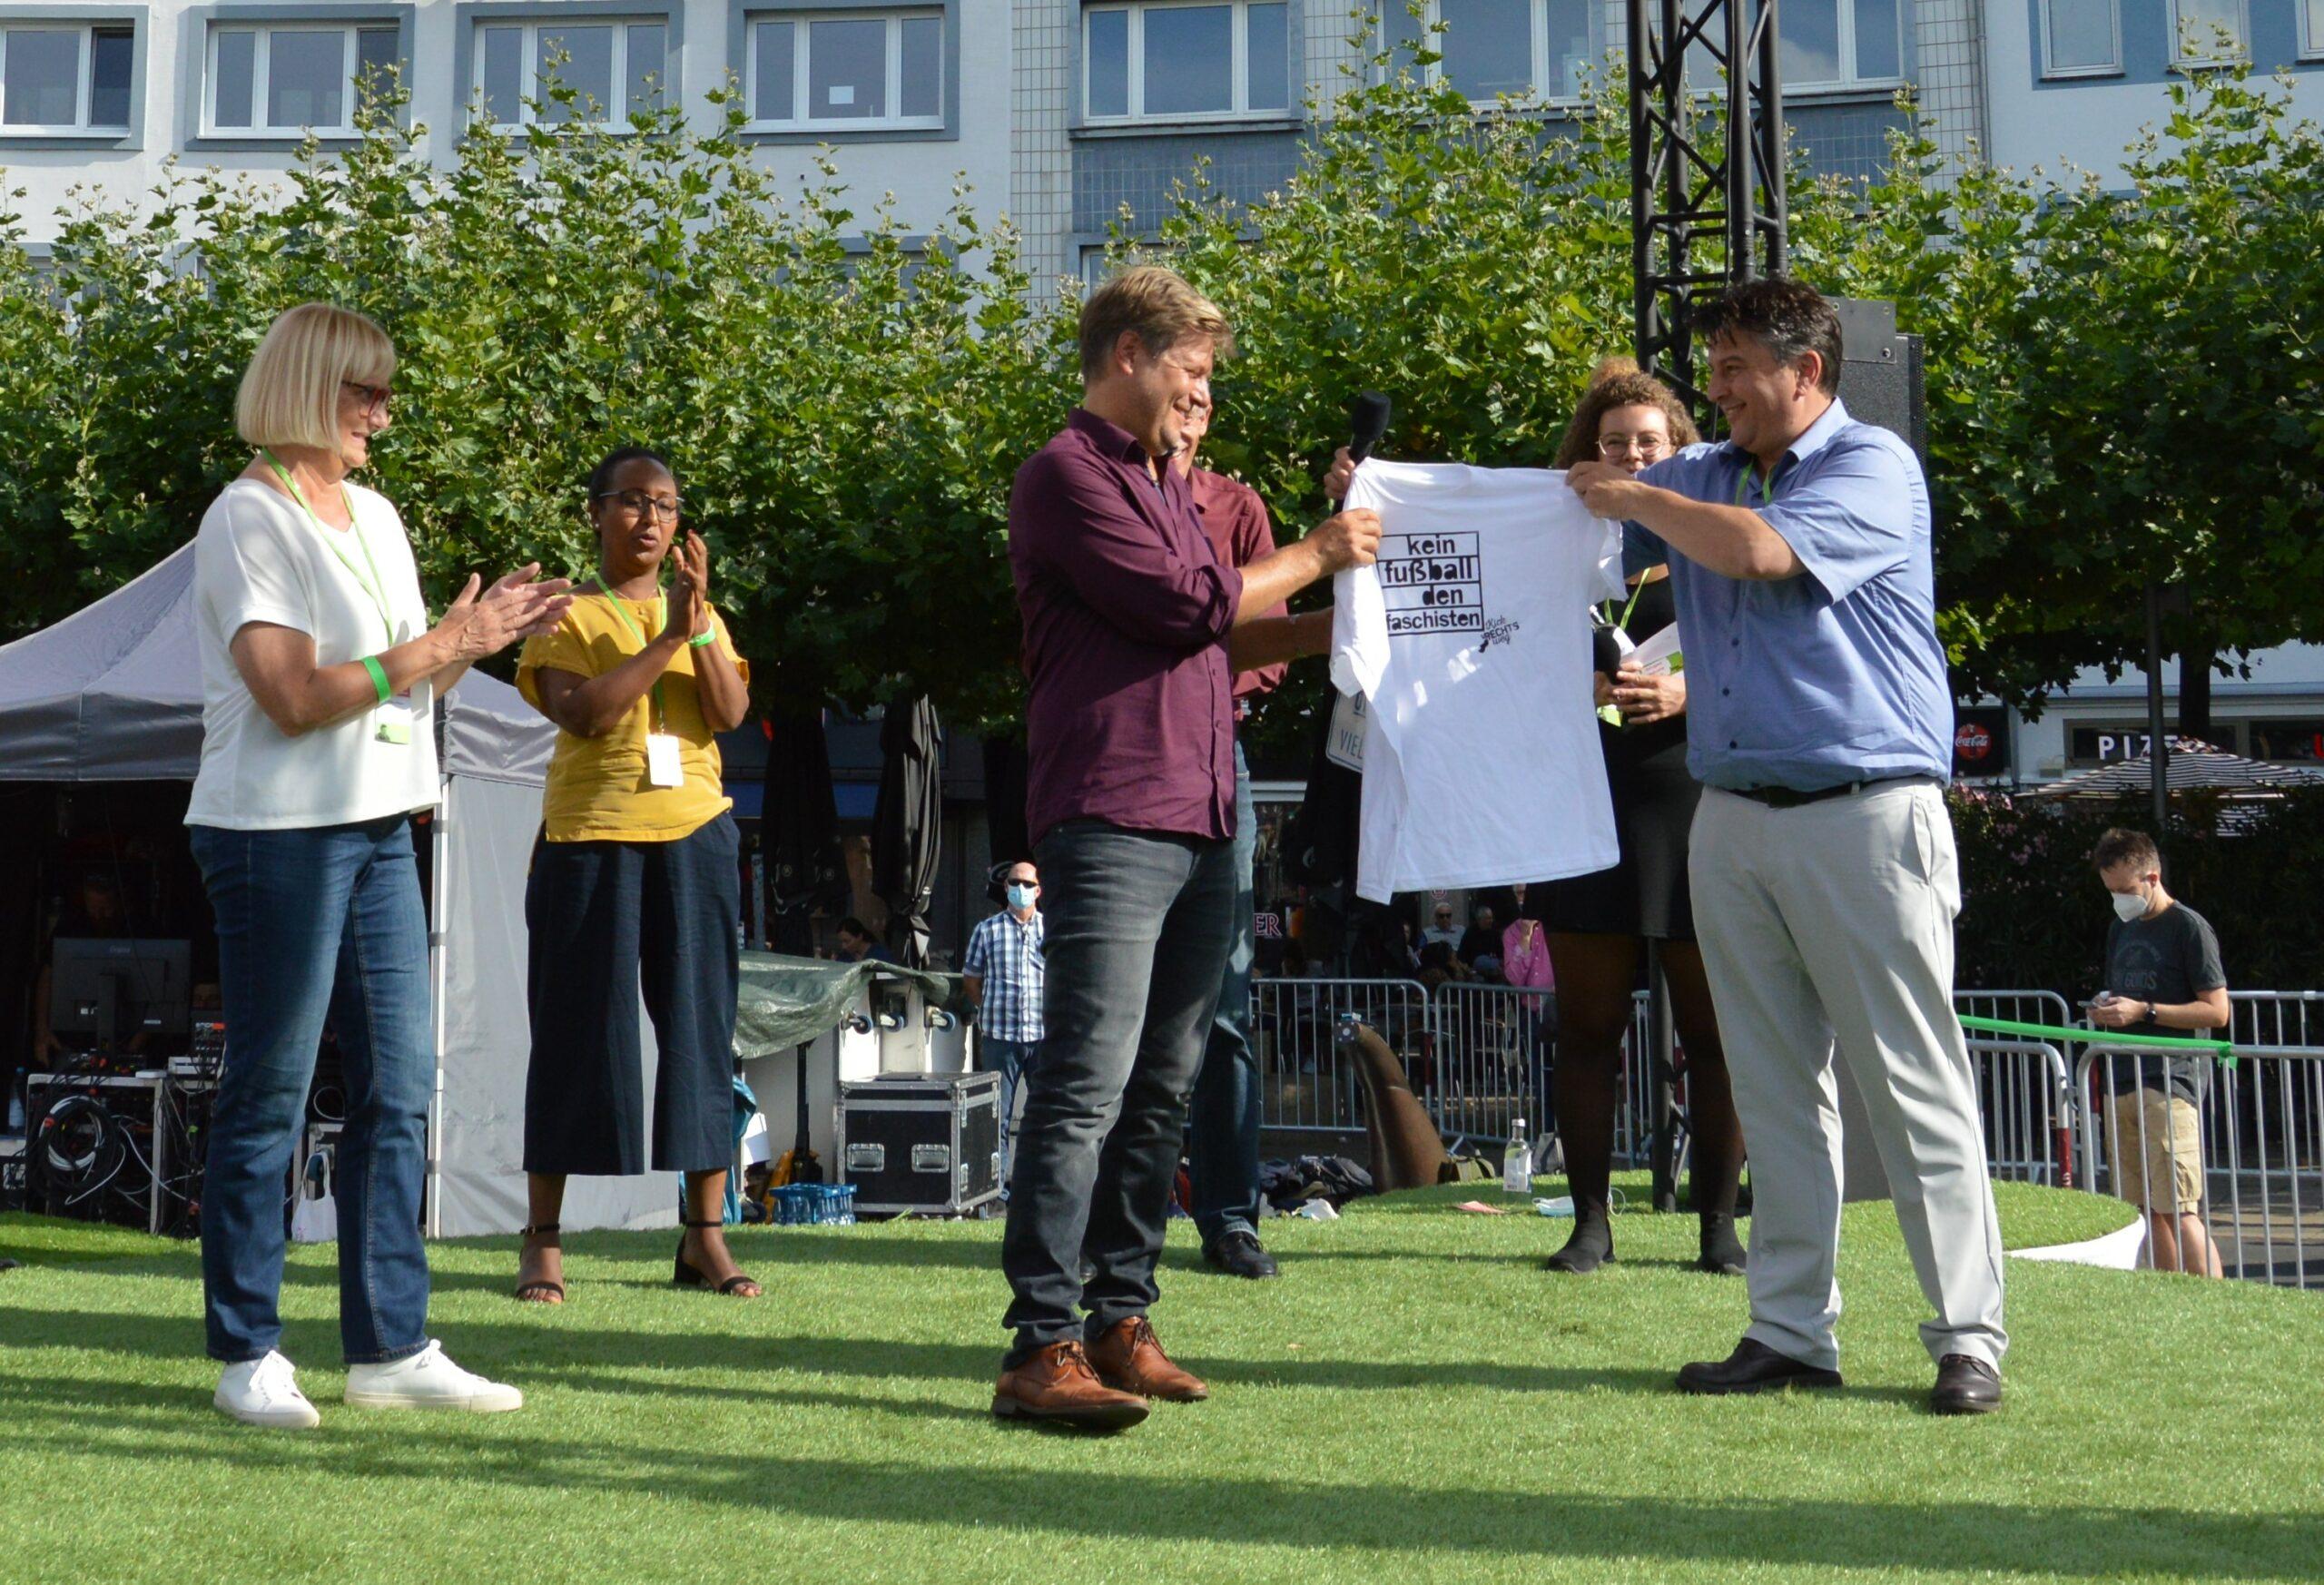 """Boris Mijatovic überreicht Robert Habeck ein weißes T-Shirt mit der Aufschrift """"Kein Fußball den Faschisten"""" von Kick rechts weg. Dr. Bettina Hoffmann, Awet Tesfaiesus, Dr. Peter Koswig und Sophie Eltzner applaudieren."""